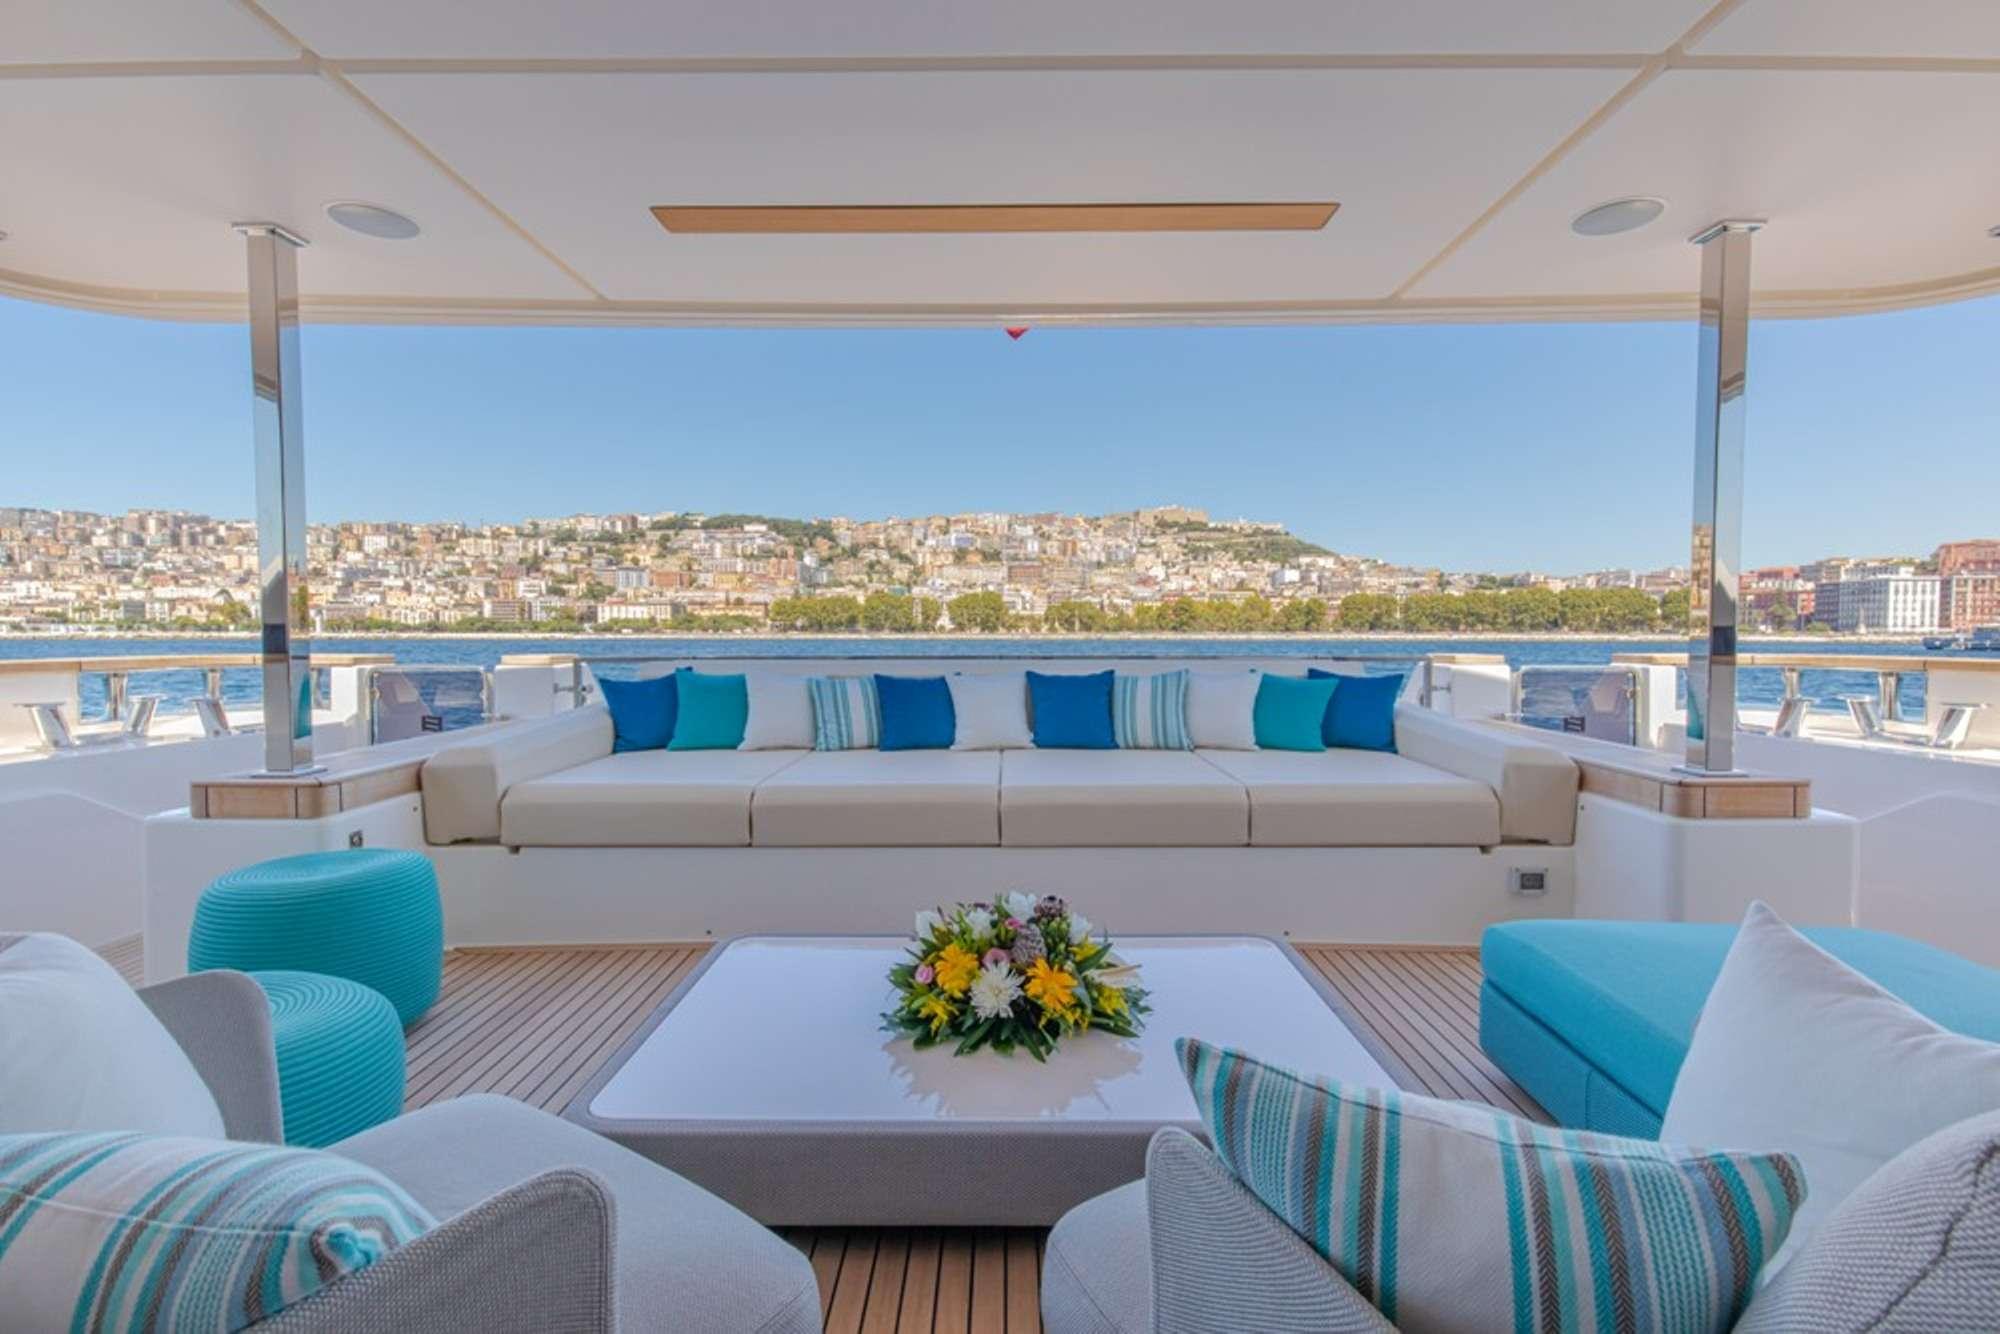 Image of Penelope yacht #2